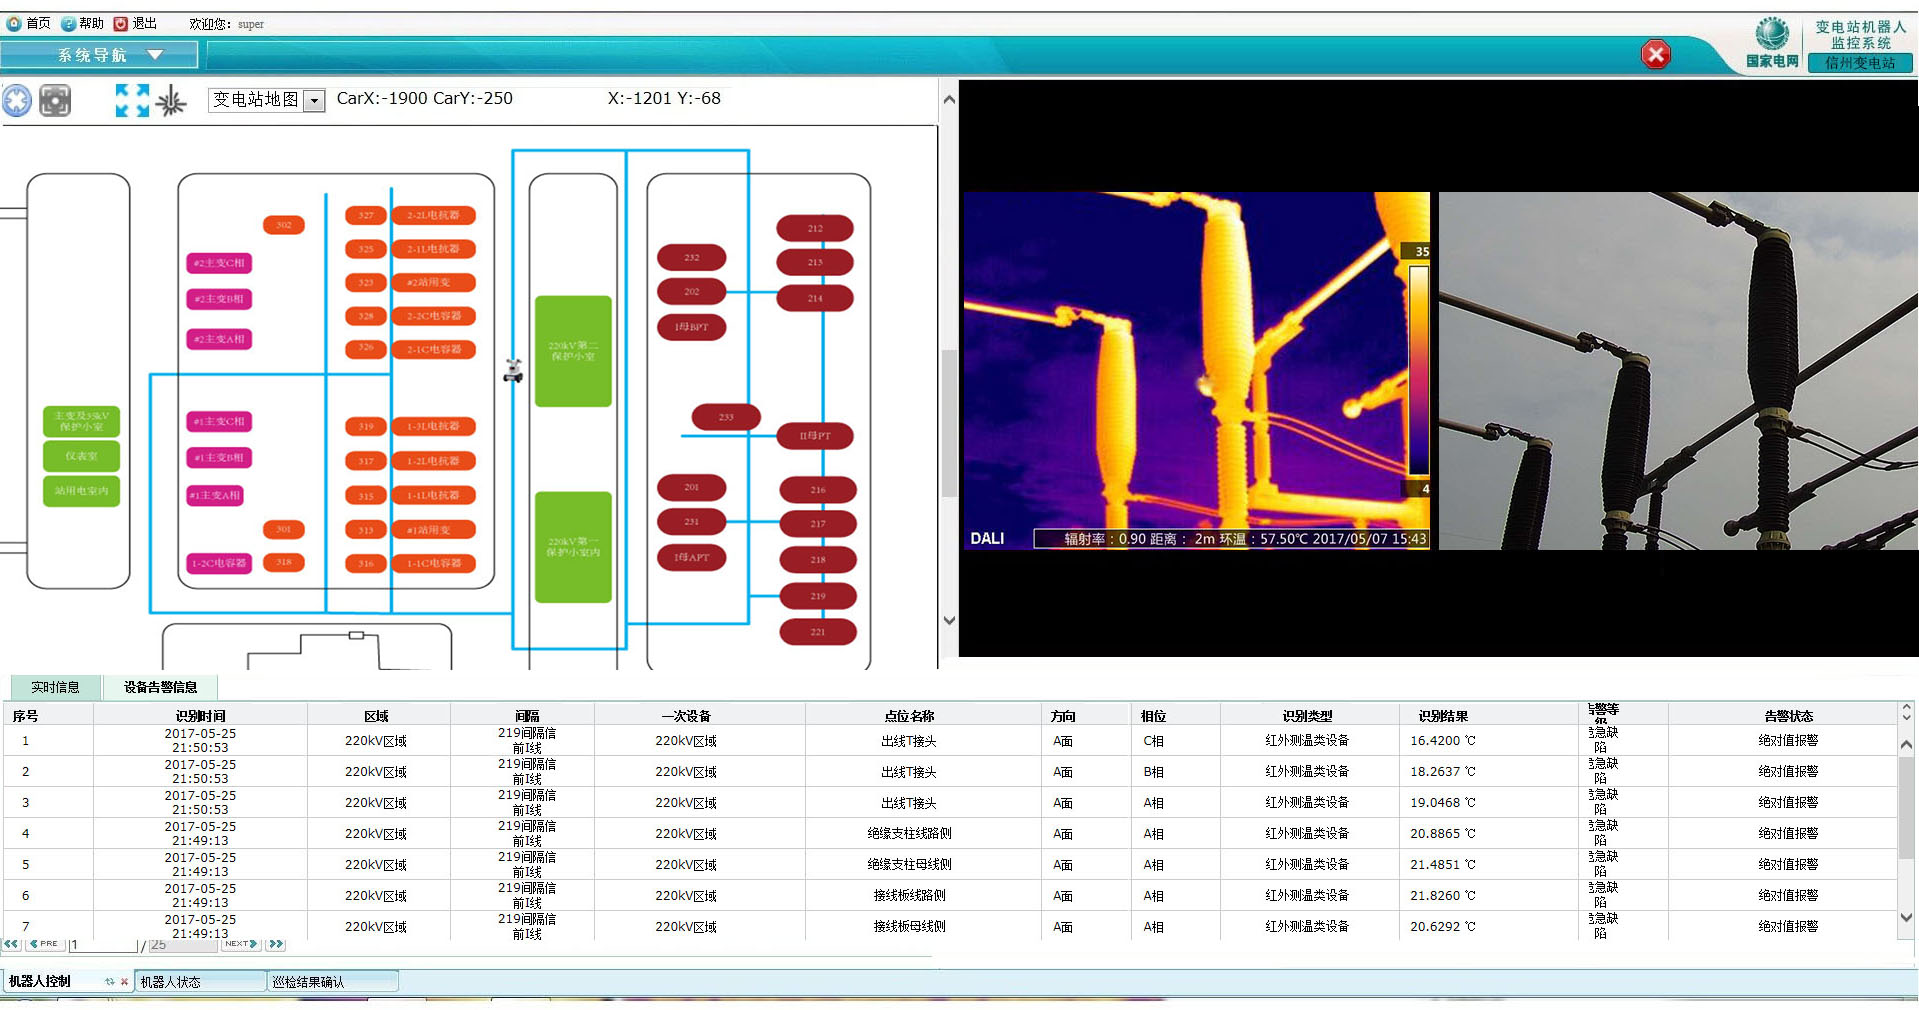 变电站电力巡检机器人系统软件功能简介